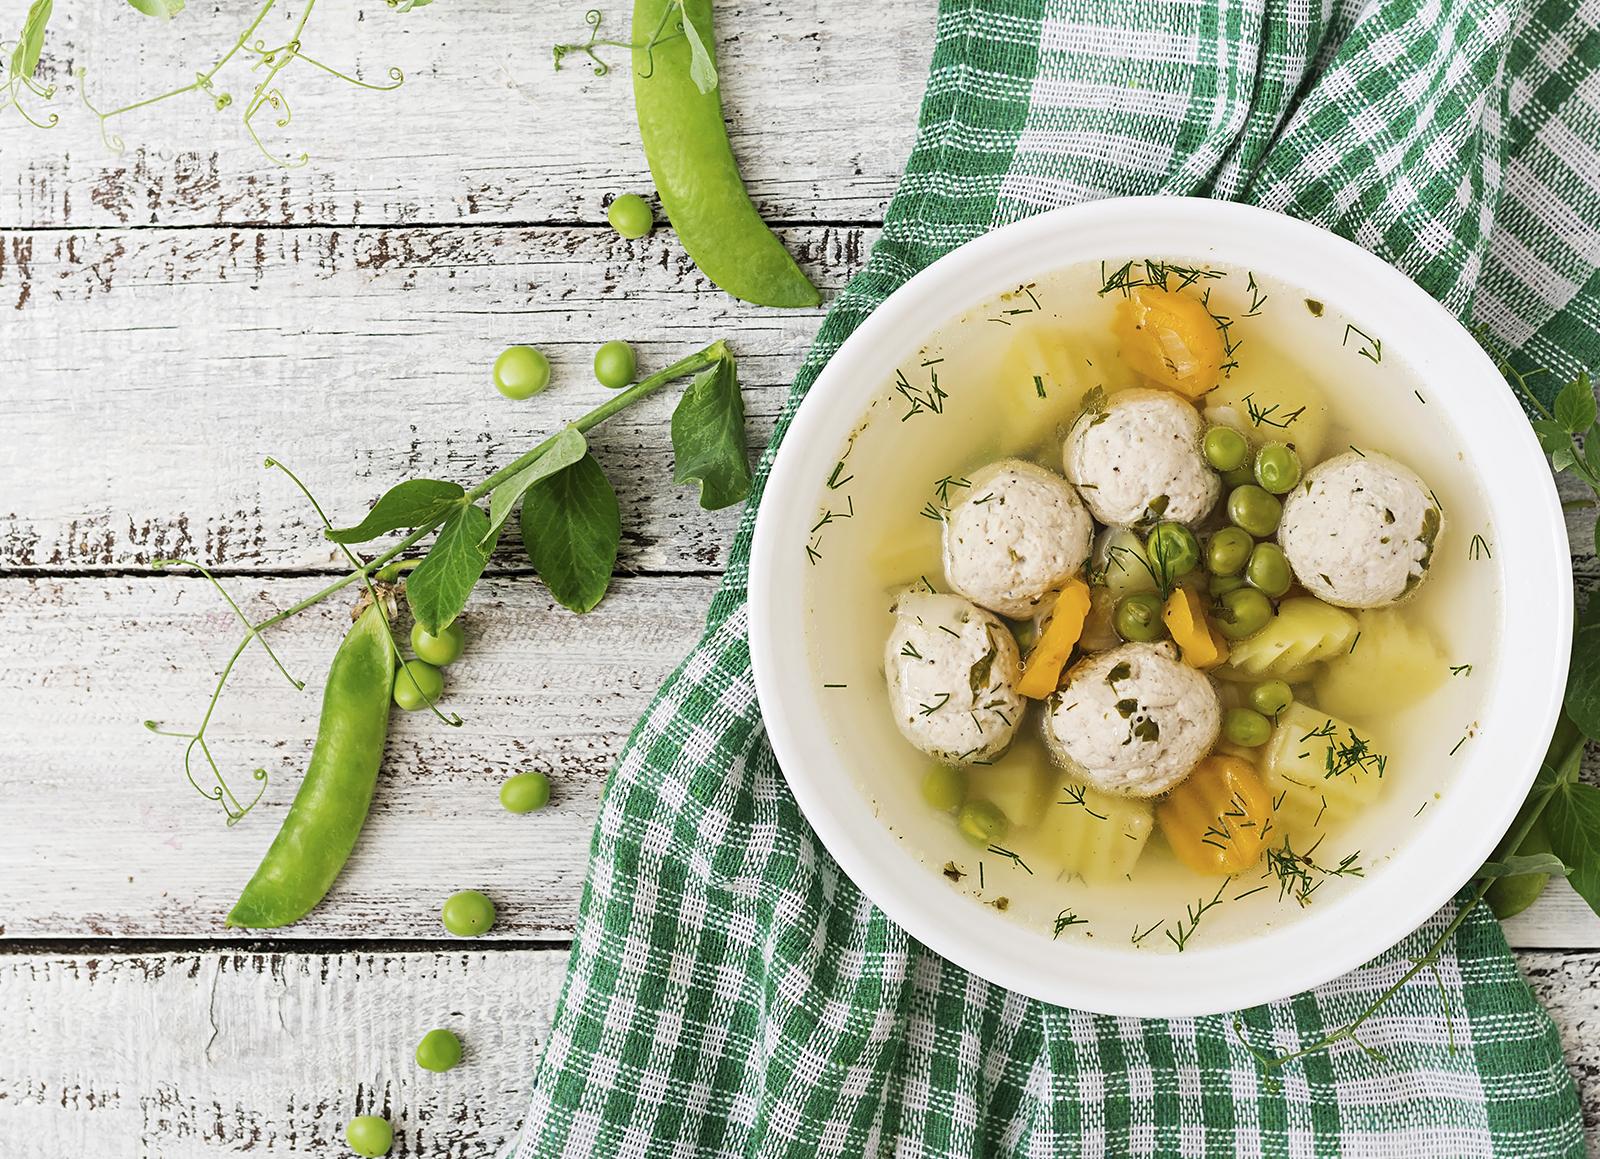 Sopa dietética con albóndigas de pollo, guisantes, zanahoria y patatas.